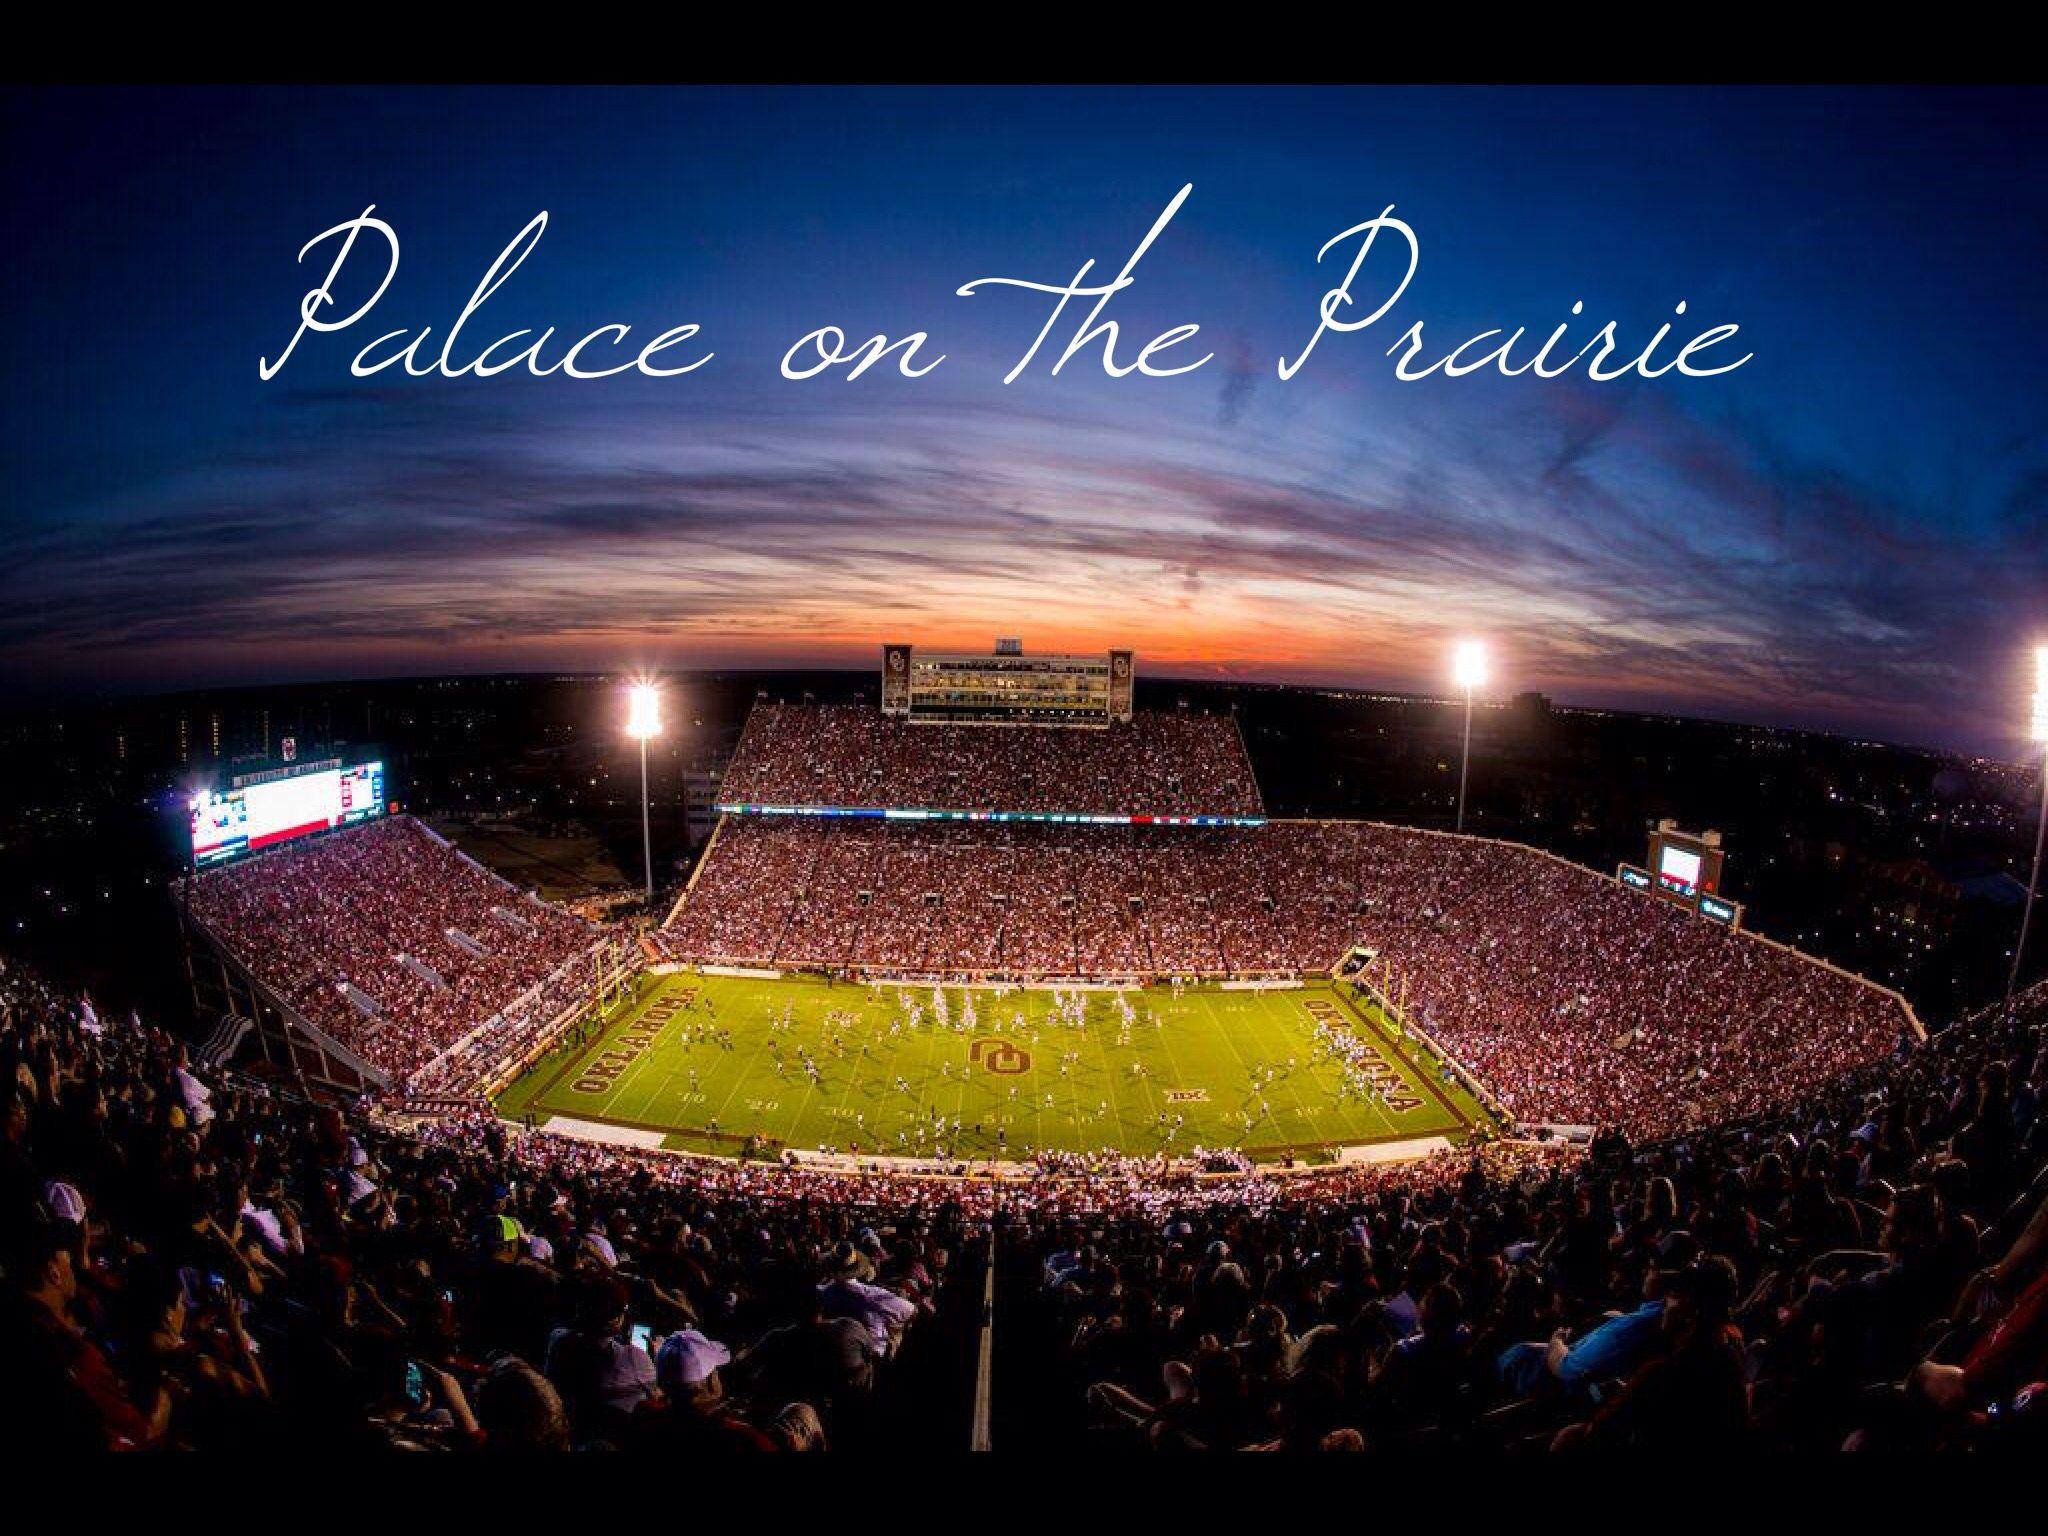 No Place Like It University Of Oklahoma Memorial Stadium Palace On The Prairie Boomer Oklahoma Football Ou Football Oklahoma Sooners Football